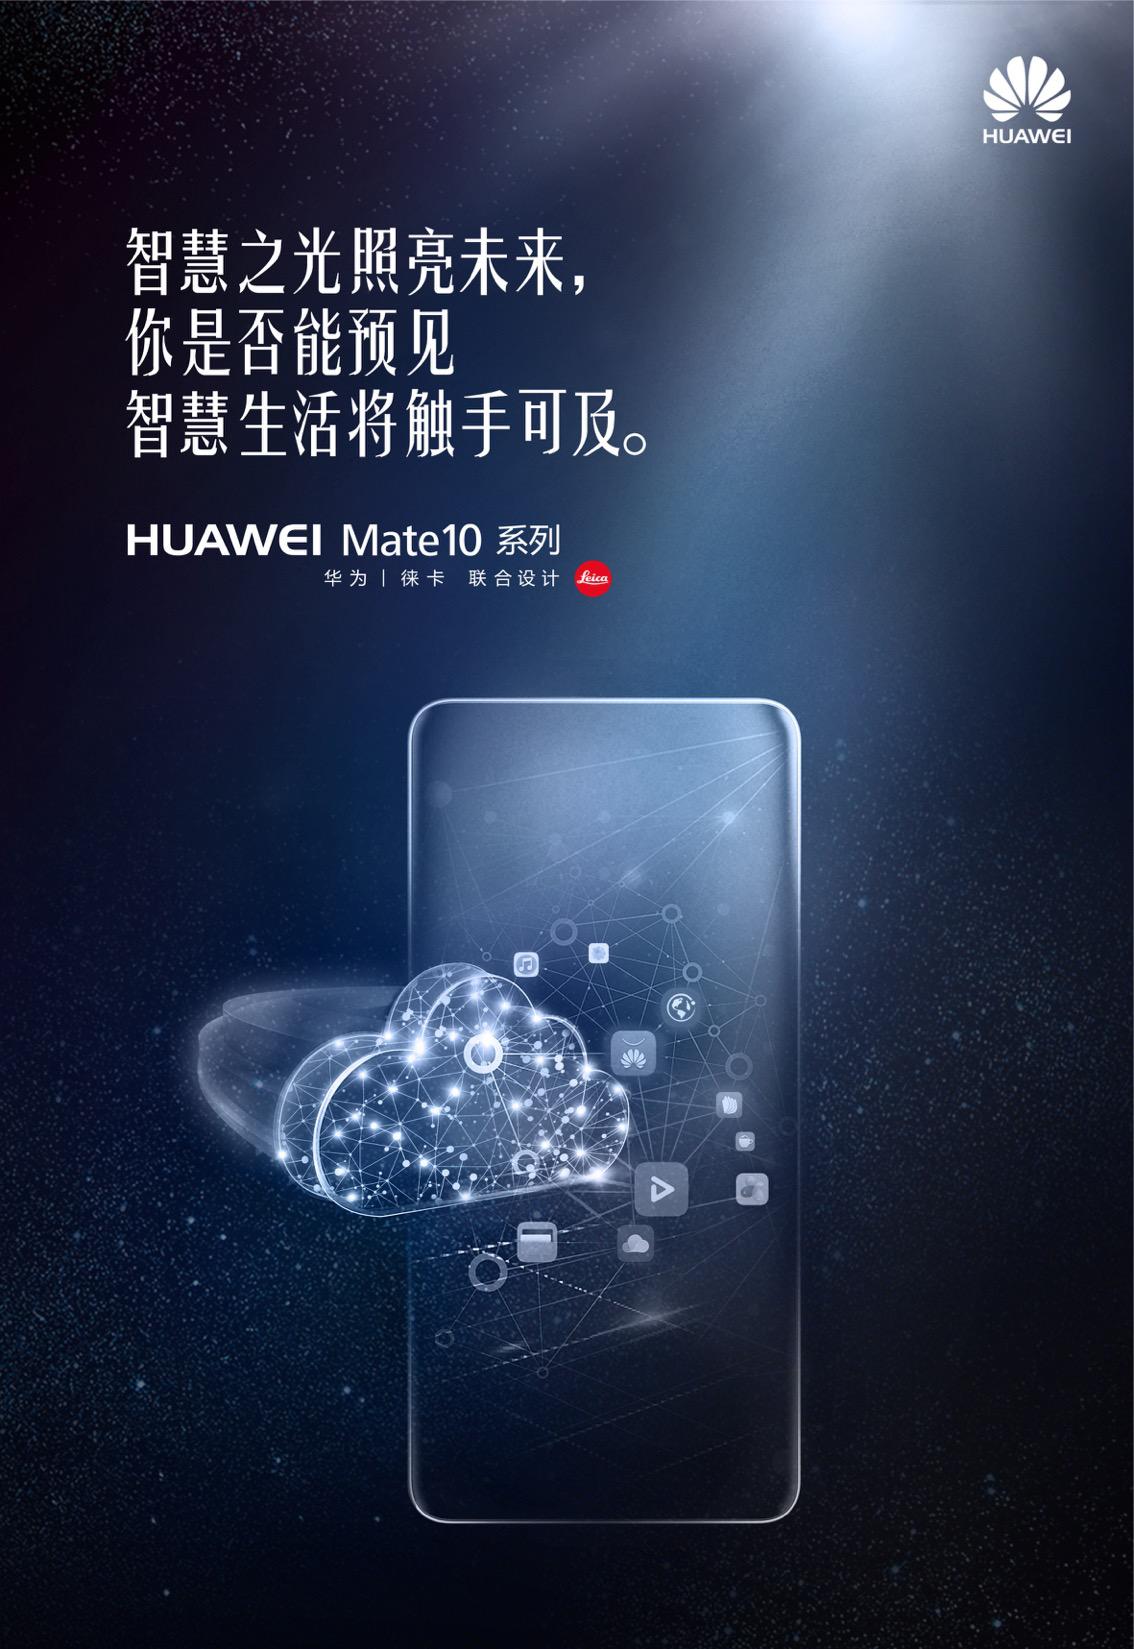 HUAWEI Mate10国内发布会惊喜预测